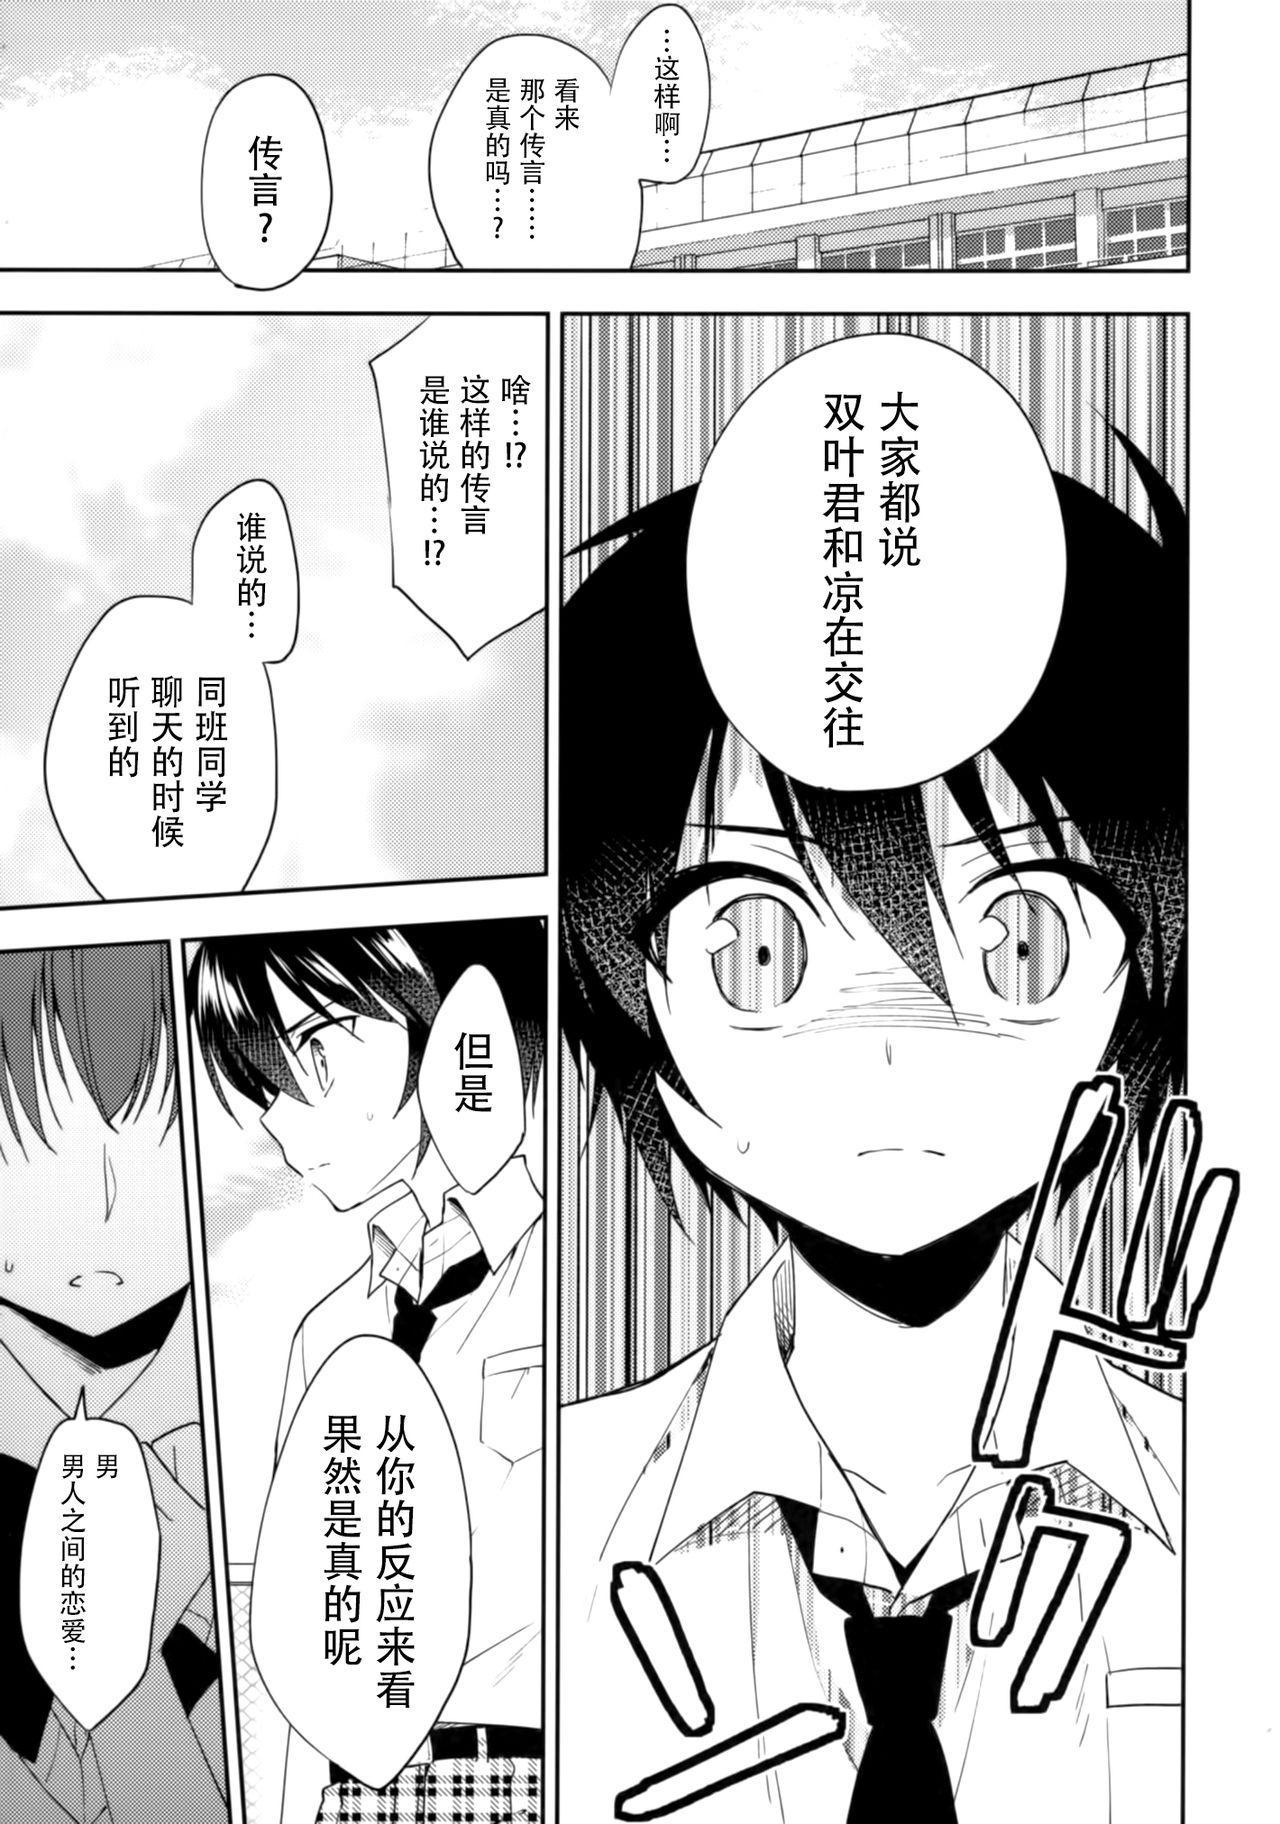 Dousei Hajimemashita 5 6